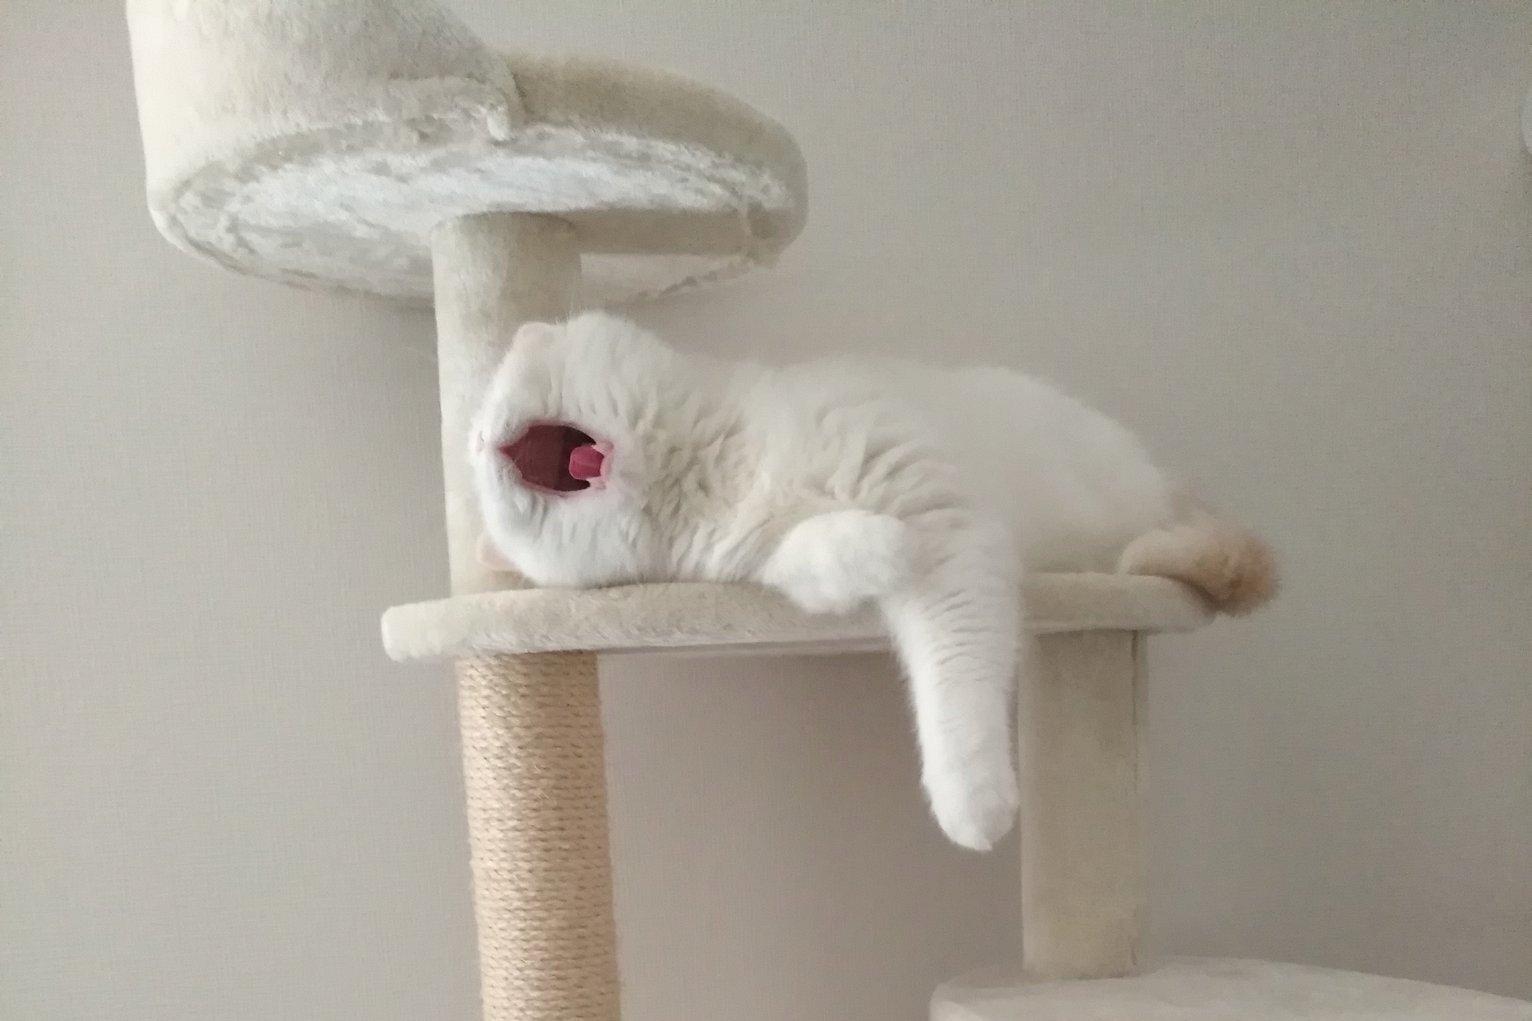 これは未確認生命体…?愛猫の「怖かわいい」あくび姿が話題に